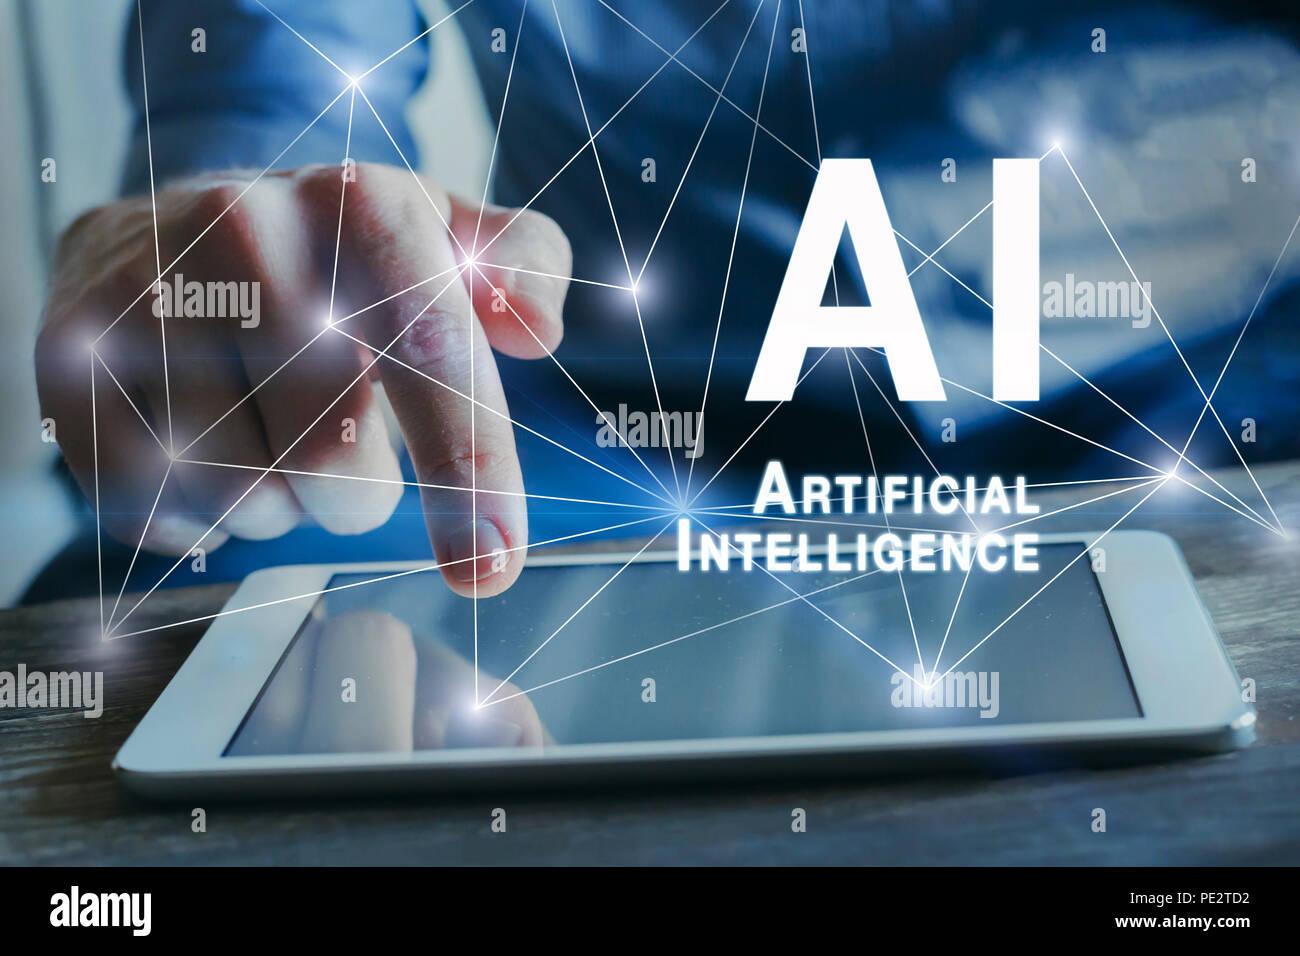 Concepto de inteligencia artificial con conexiones de red neuronal, AI Imagen De Stock